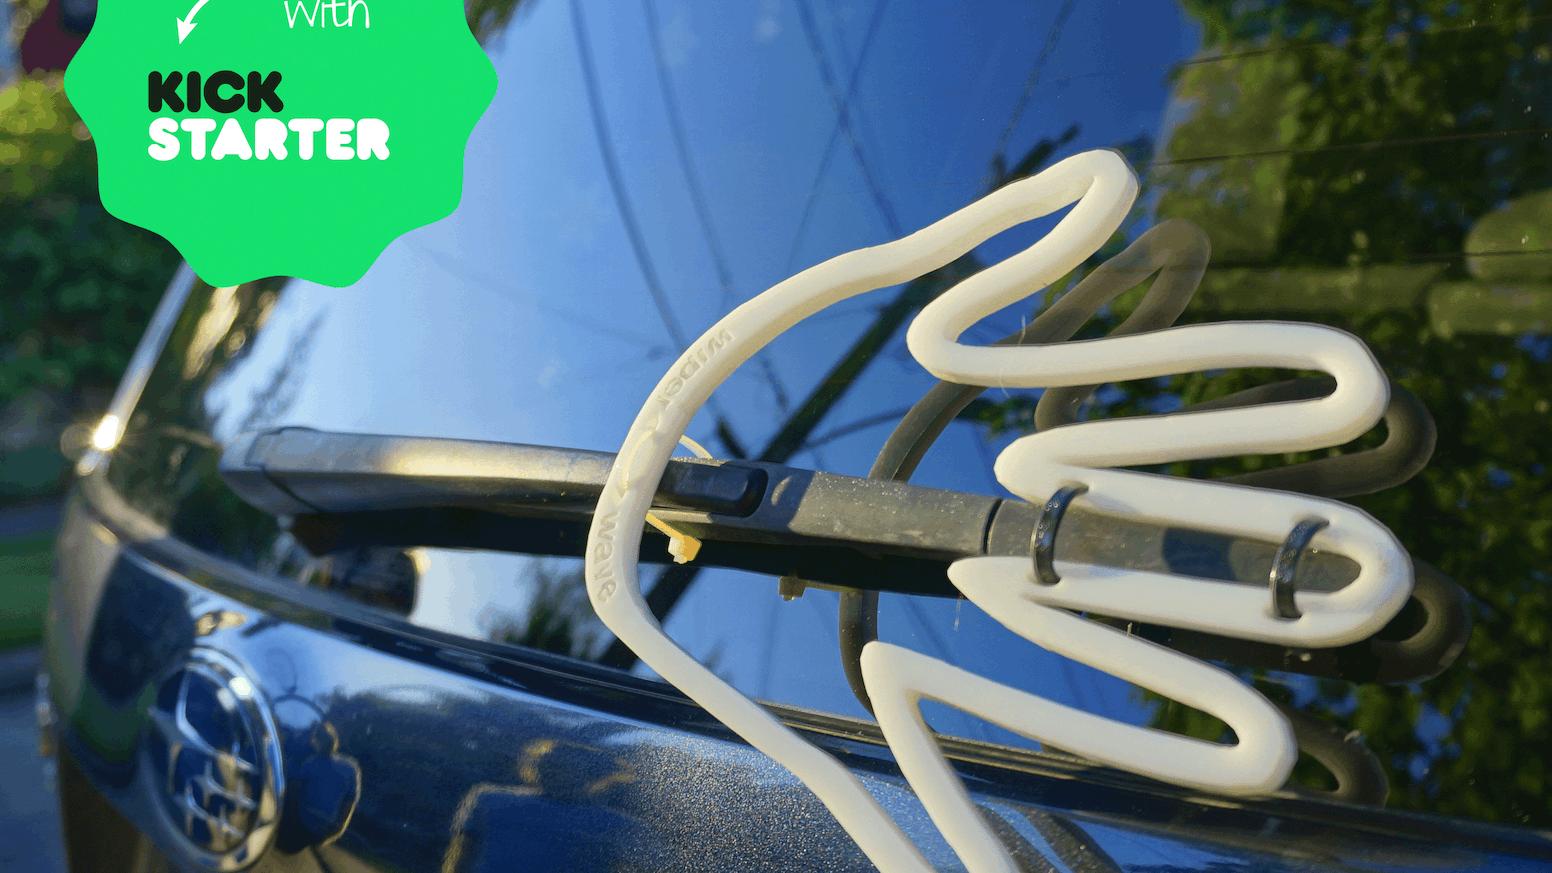 Rear Windshield Wiper >> The Wiper Wave By Tyler Fishbone Kickstarter